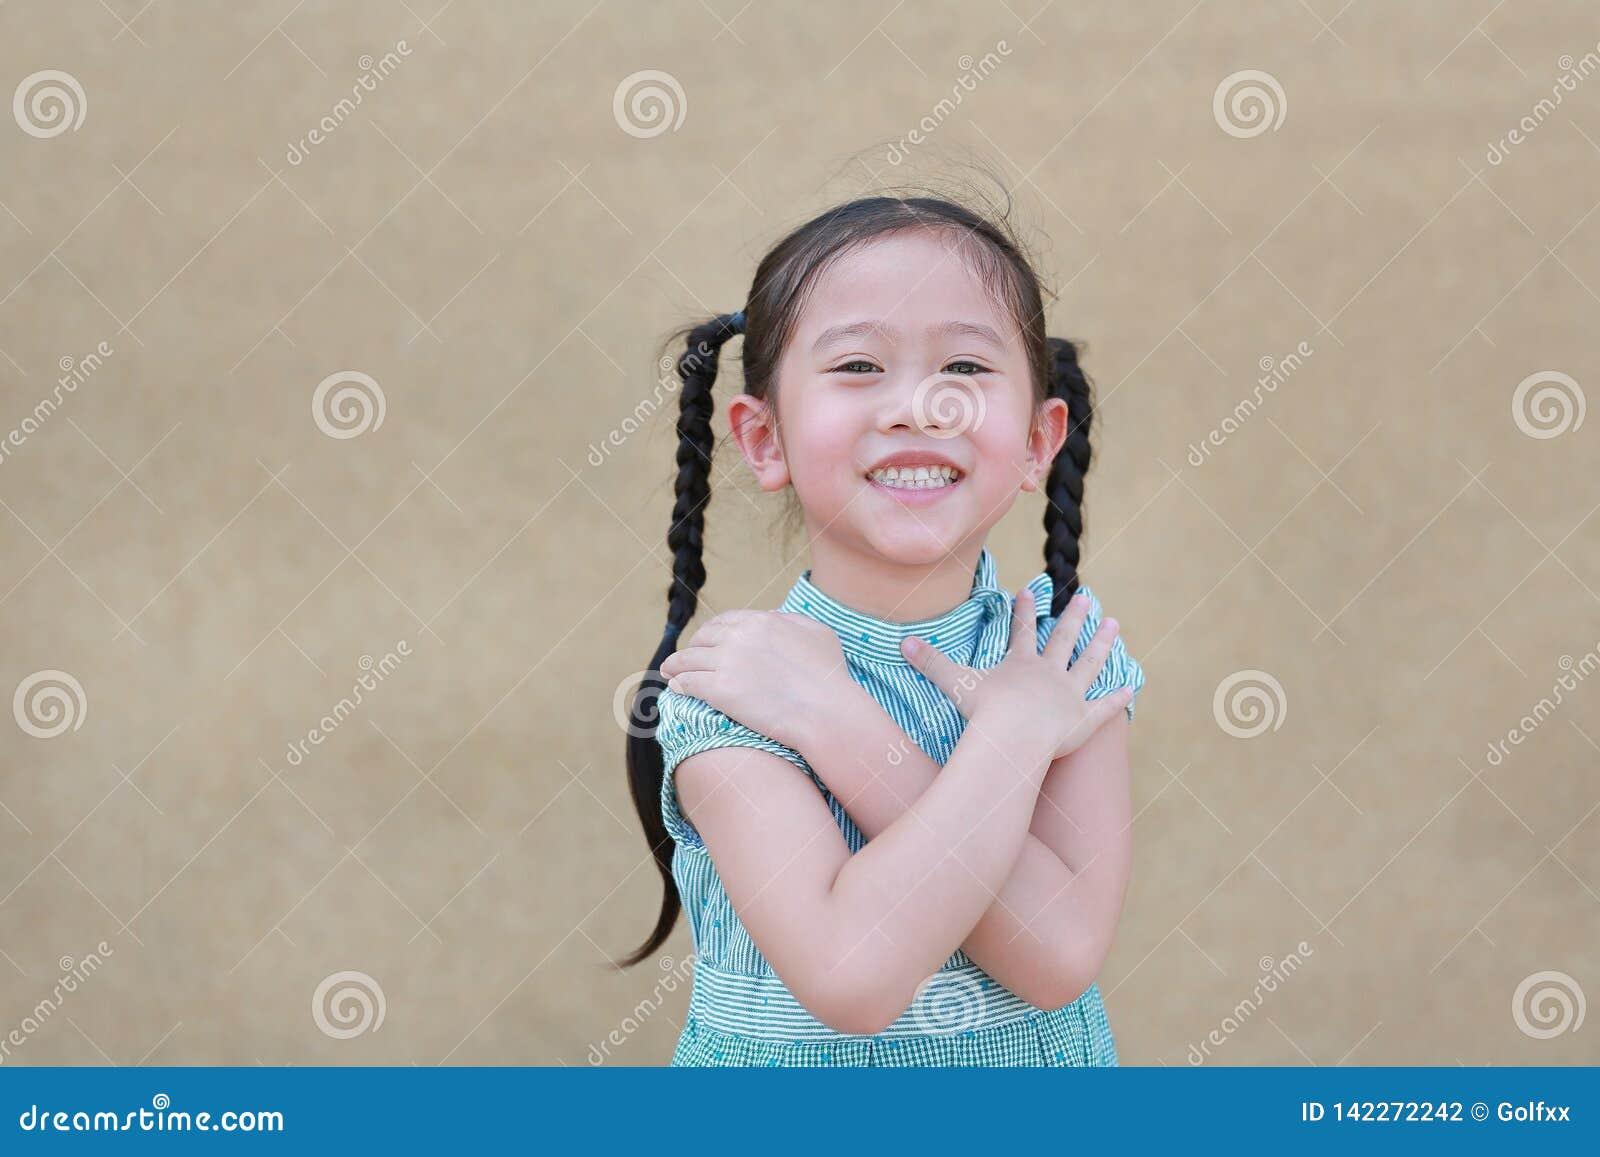 Expressão asiática pequena feliz da menina da criança para cruzar seus braço e sorriso Conceito seguro e alegre